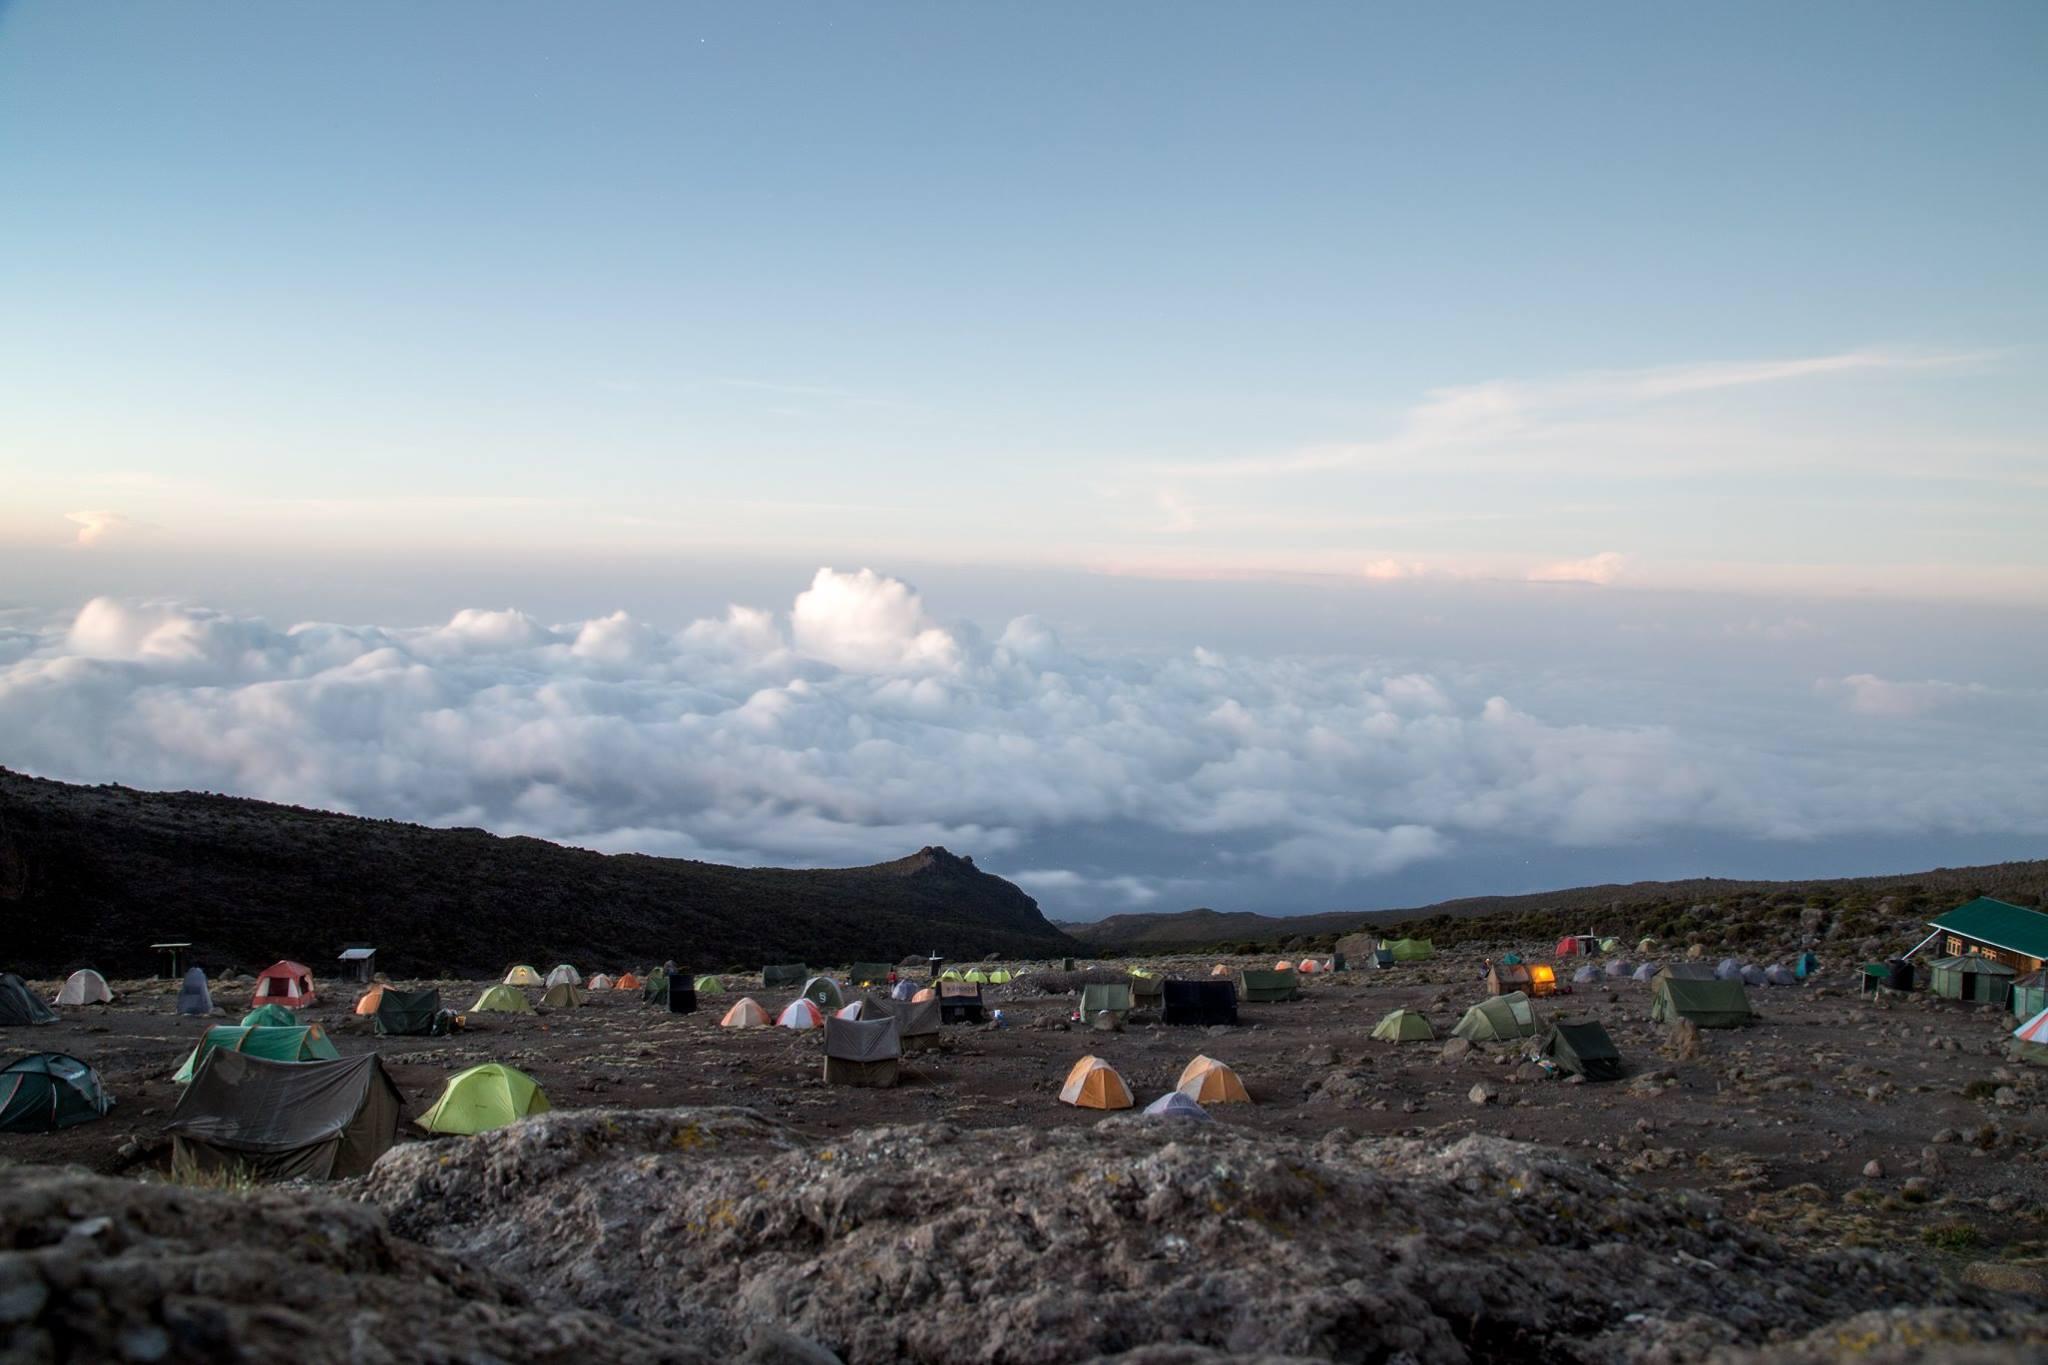 Tallest basecamp Kilimanjaro